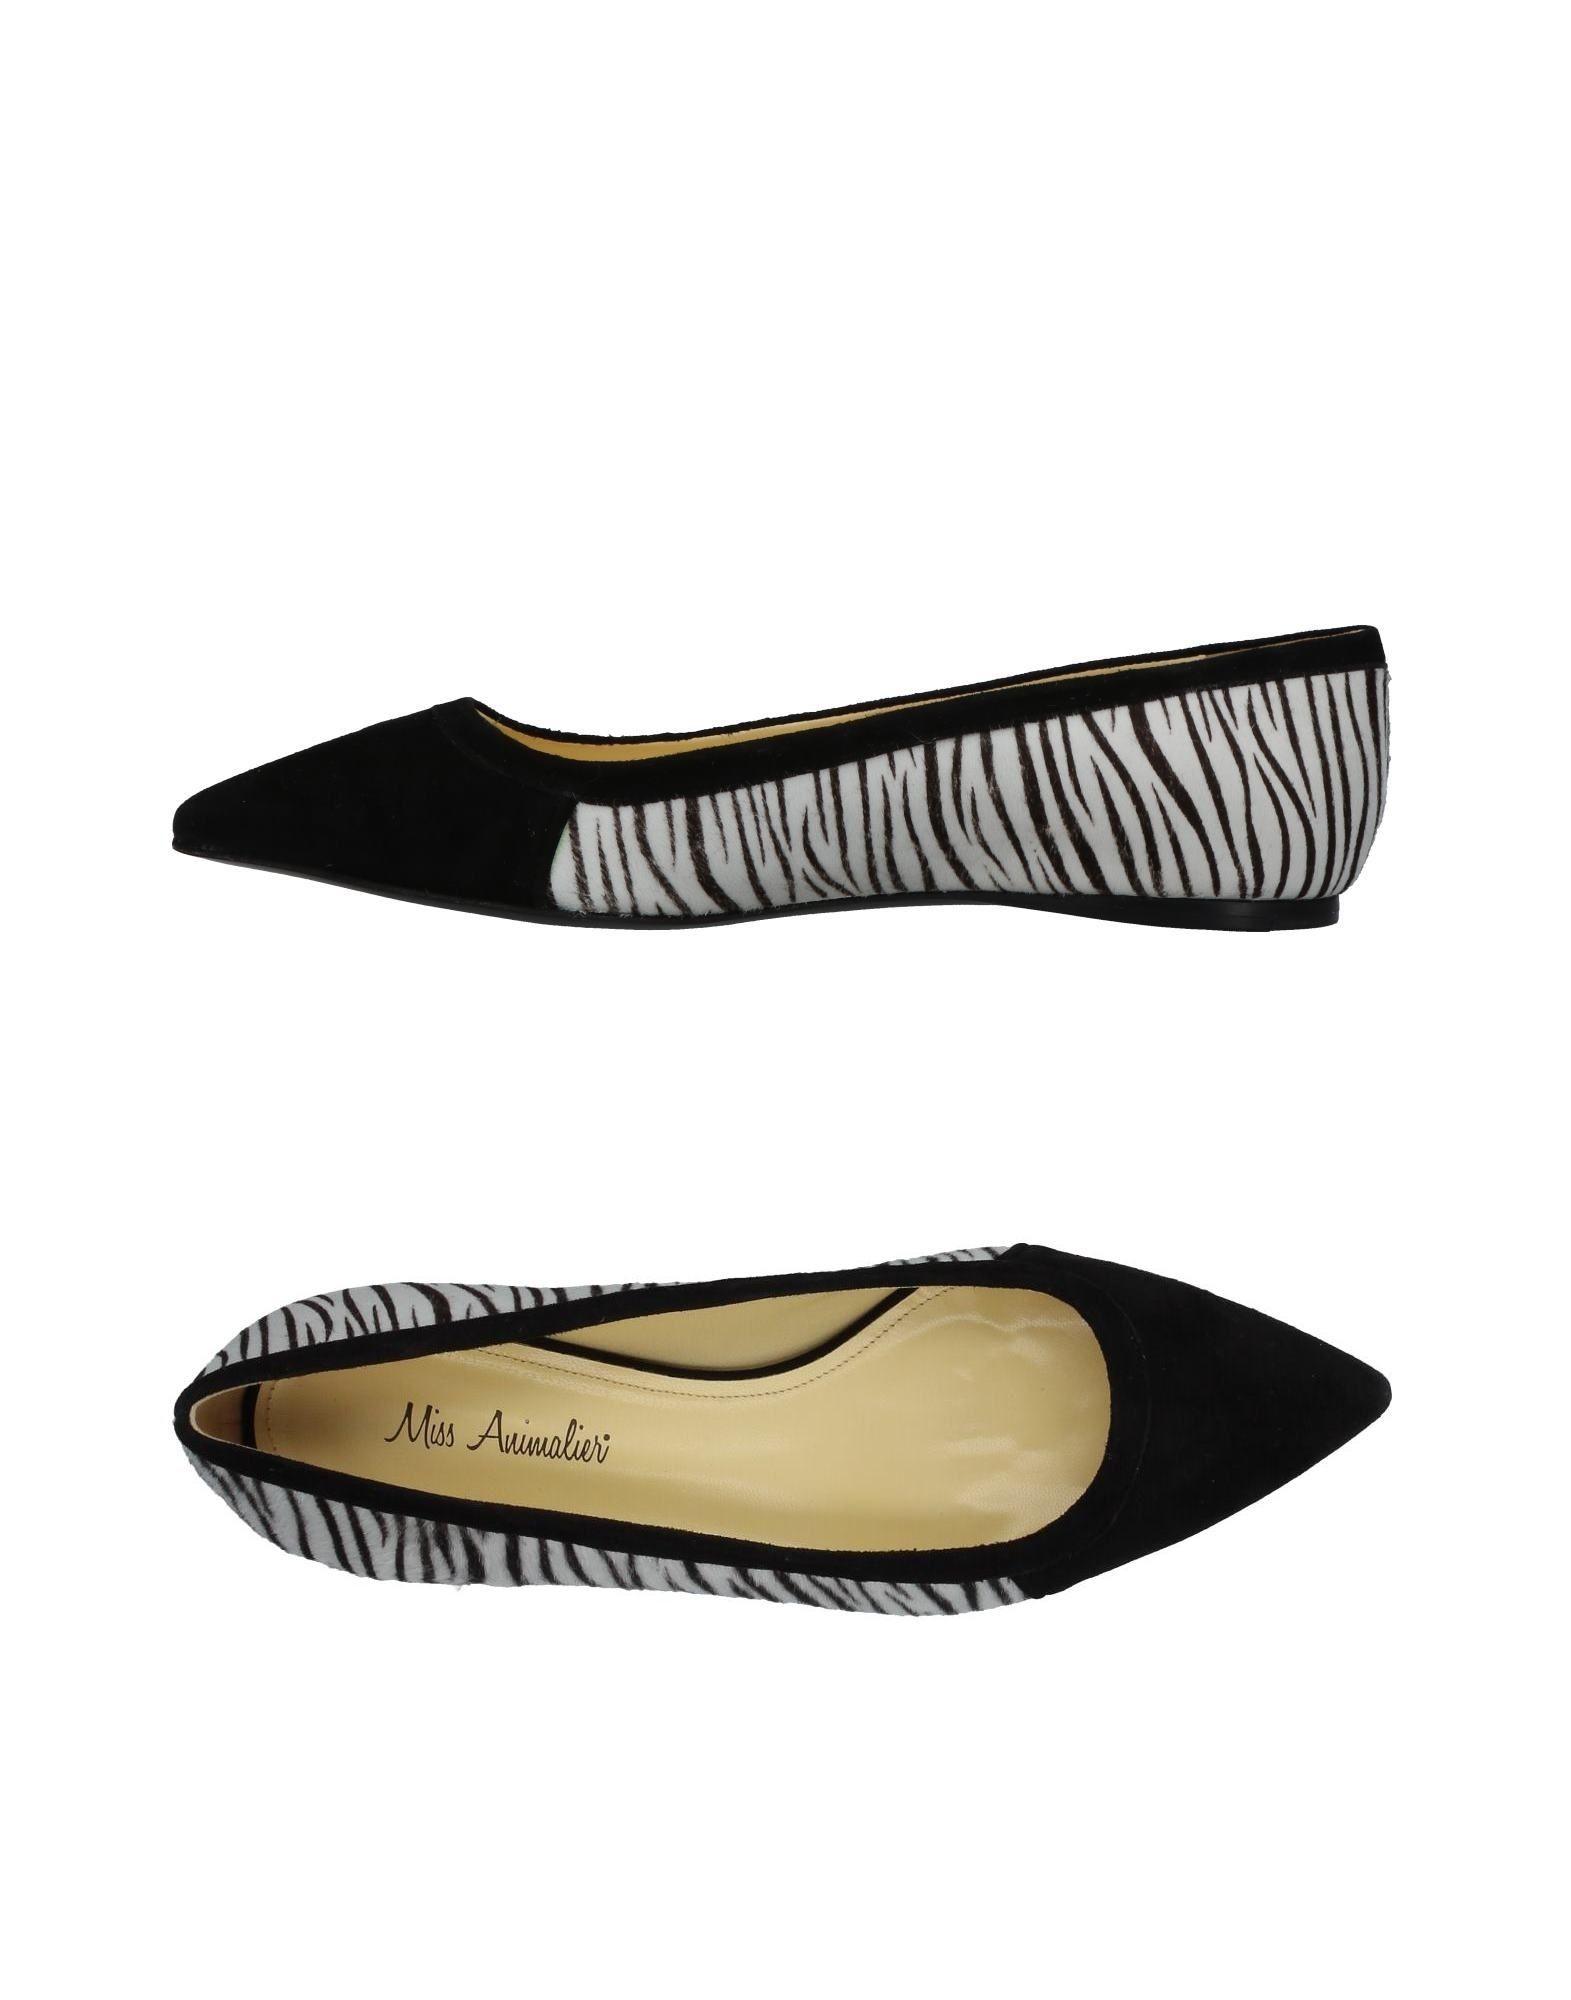 Ballerine Miss Animalier® Donna - Acquista online su